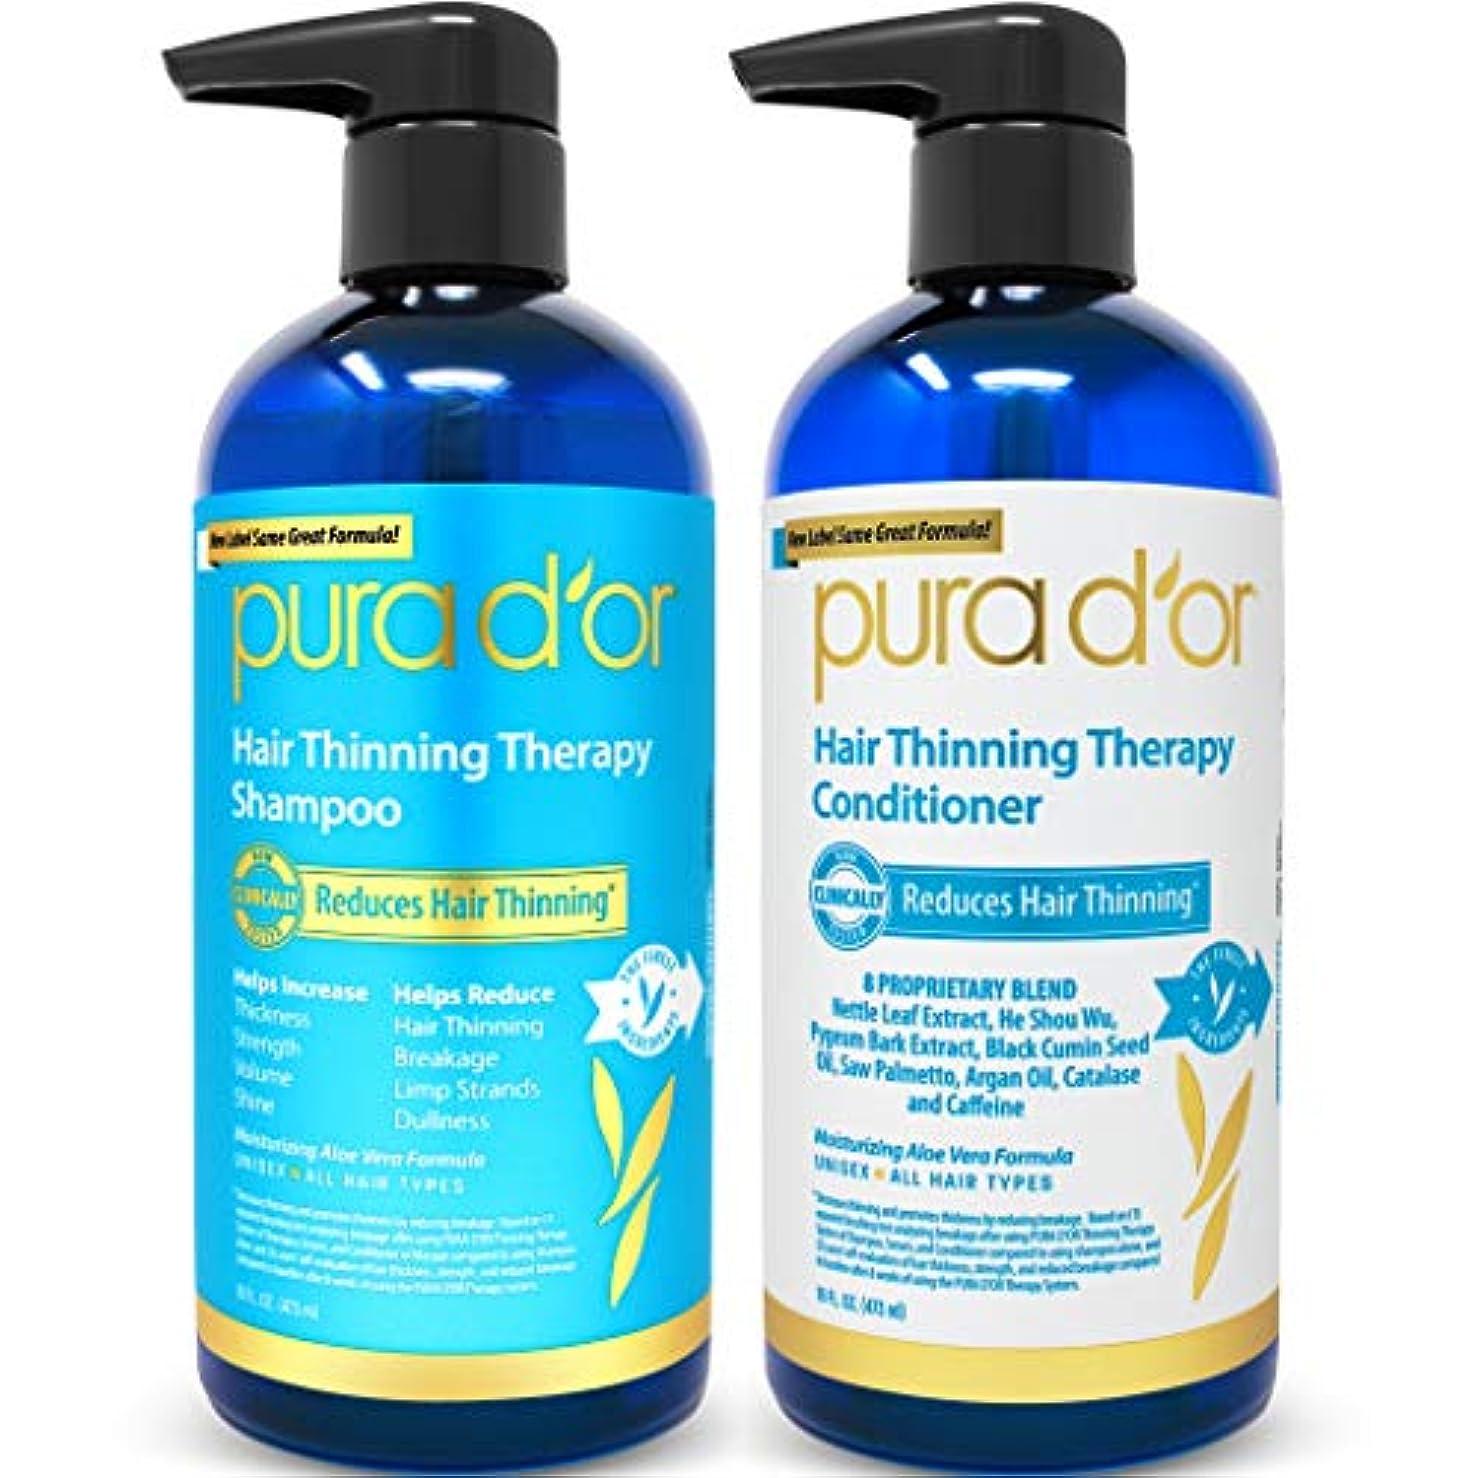 高架後者担保PURA D'OR 薄毛セラピー 保護セット オルガンオイル、ビオチン&天然成分配合、全ての髪質に、男性にも女性にも(パッケージが異なる場合があります) シャンプー&コンディショナー